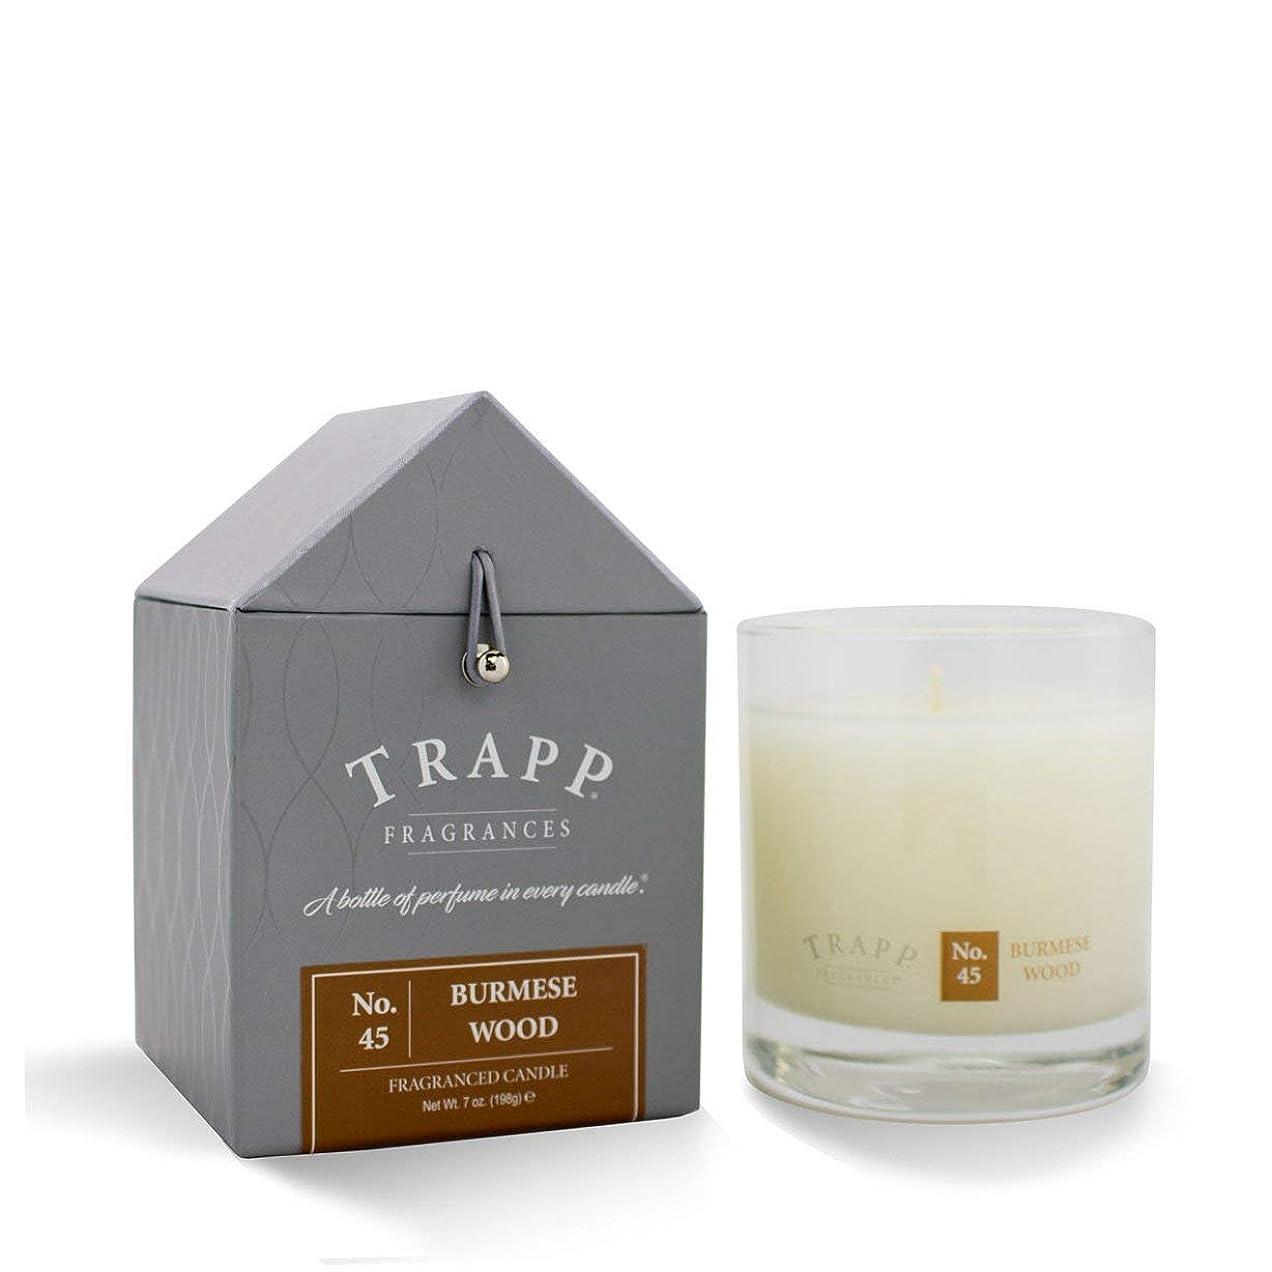 挨拶する内部製油所Trapp Candle No. 45 Burmese Wood 7oz by Trapp